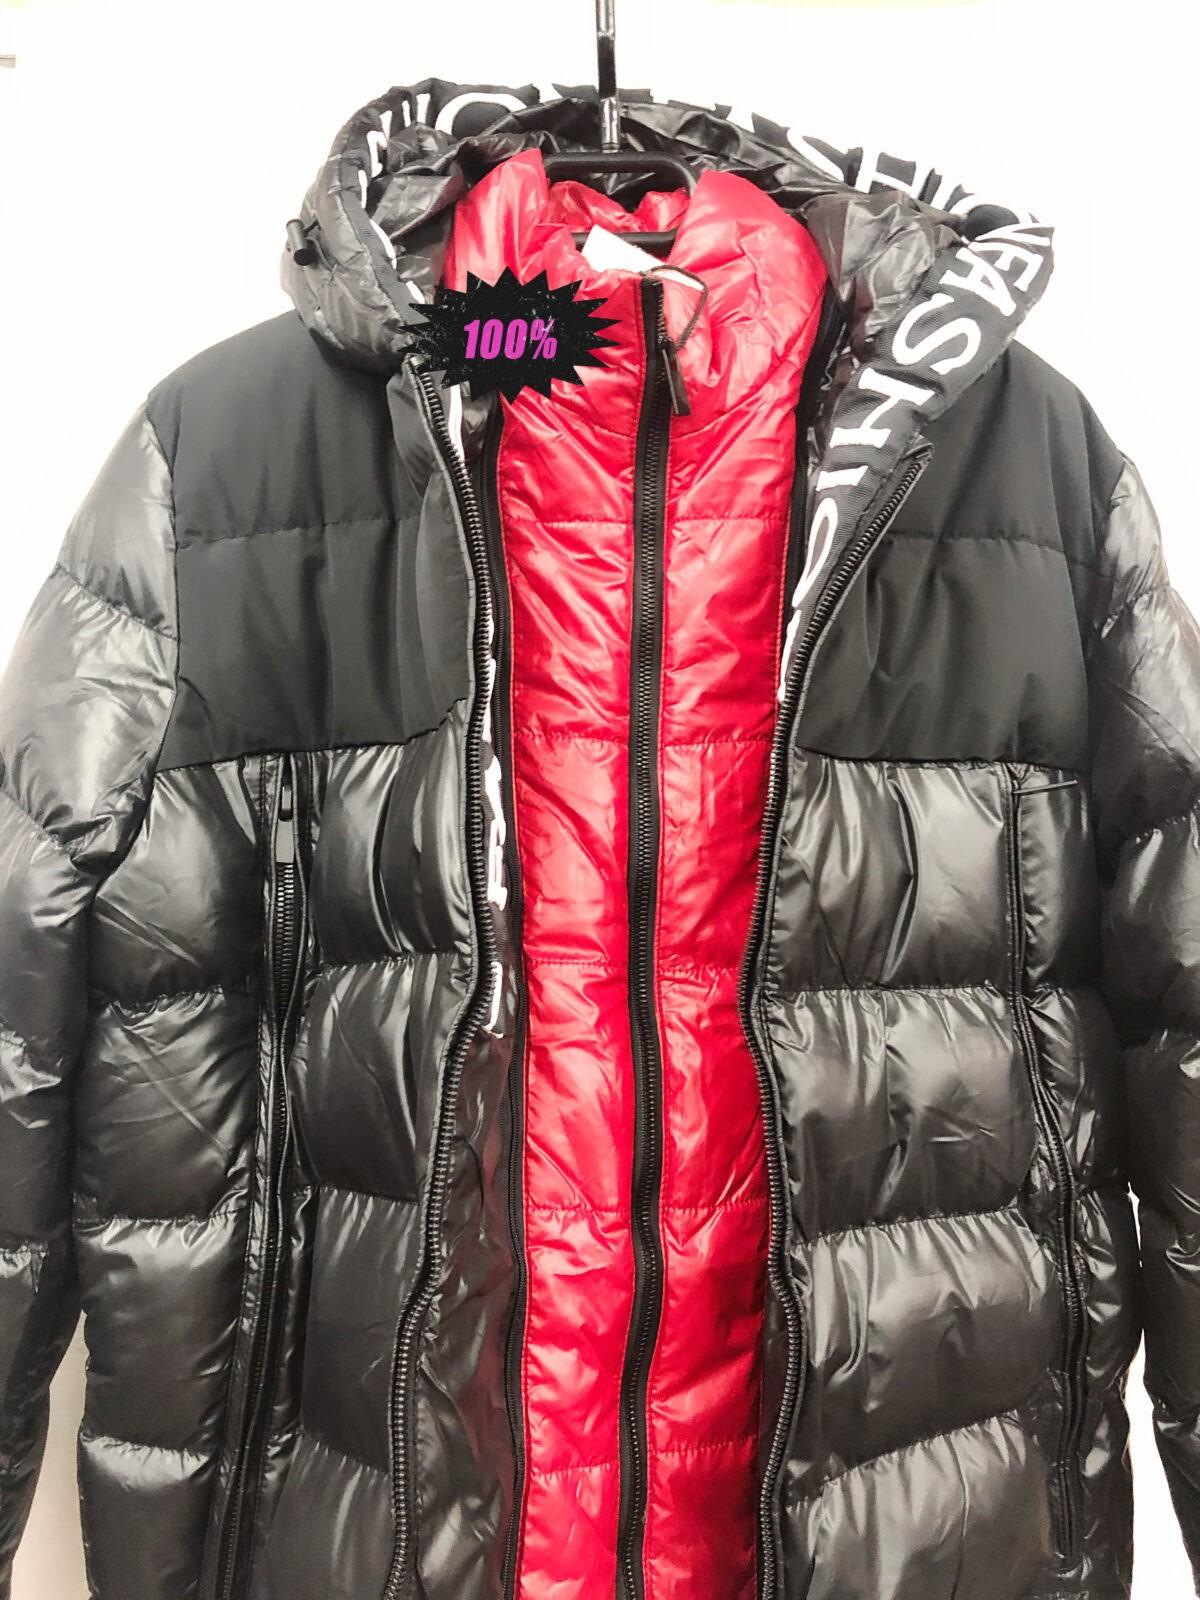 IMG 6854 scaled Osili - Fashion - Divat